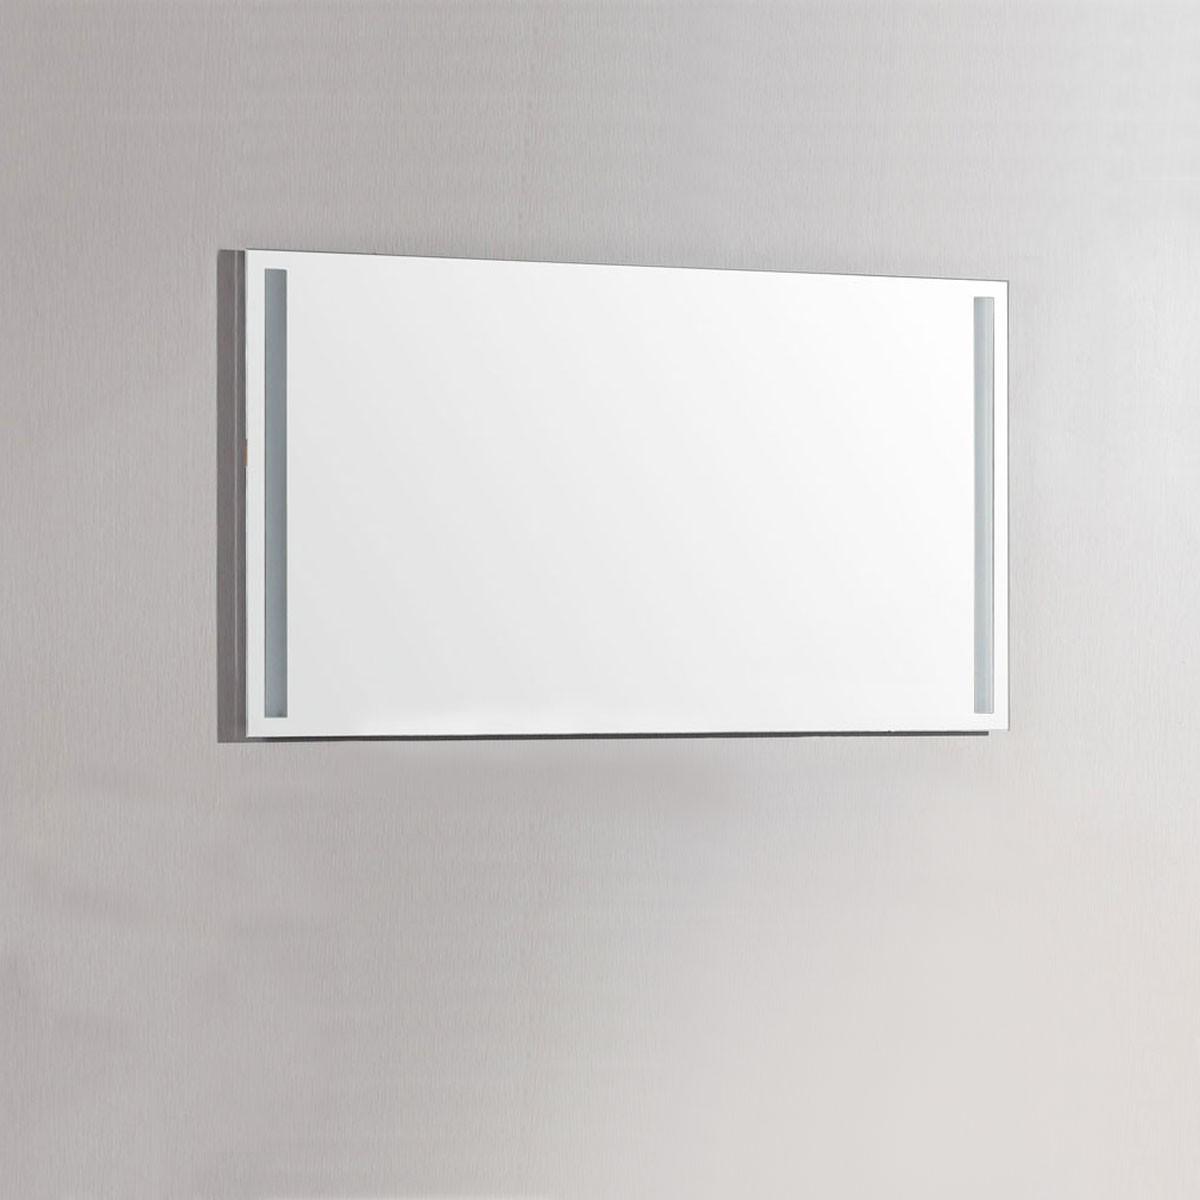 48 x 28 po Miroir pour Meuble Salle de Bain (DK-T9126B-M)